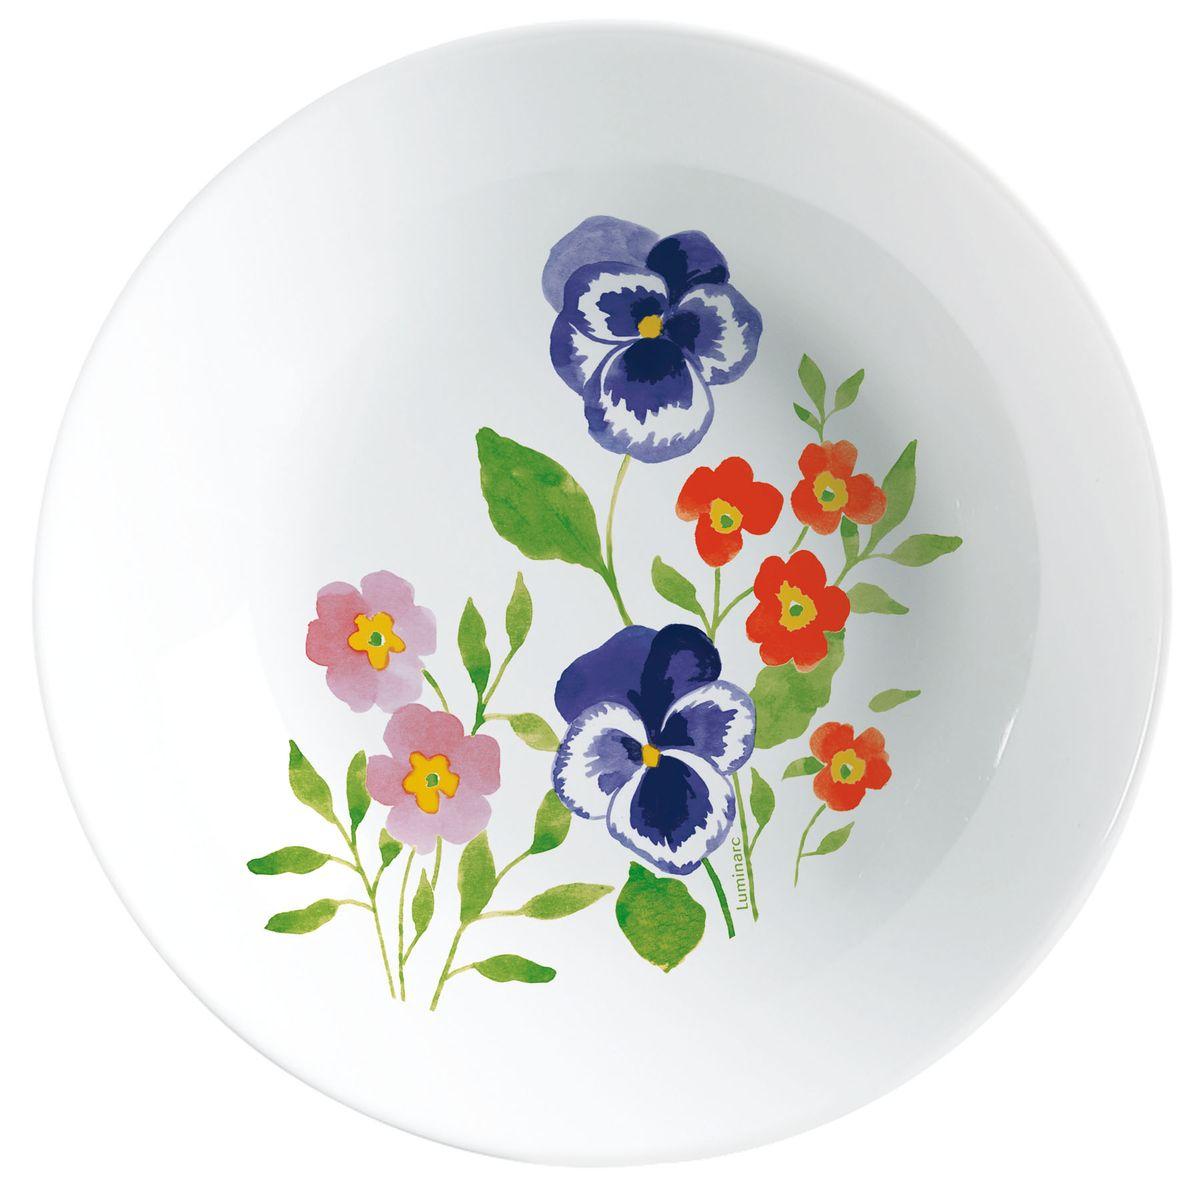 Тарелка глубокая Luminarc Magda, диаметр 27 смVT-1520(SR)Глубокая тарелка Magda надежной марки Luminarc - интересное решение для кухонь и столовых в классическом и современном дизайне. Глянцевая тарелка с нежным цветочным рисунком - отличный вариант для дачи или загородного дома. Тарелка изготовлена из ударопрочного стекла, которое не впитывает запахи и обладает антибактериальными свойствами. Ее можно мыть в посудомоечной машине и использовать в микроволновой печи.